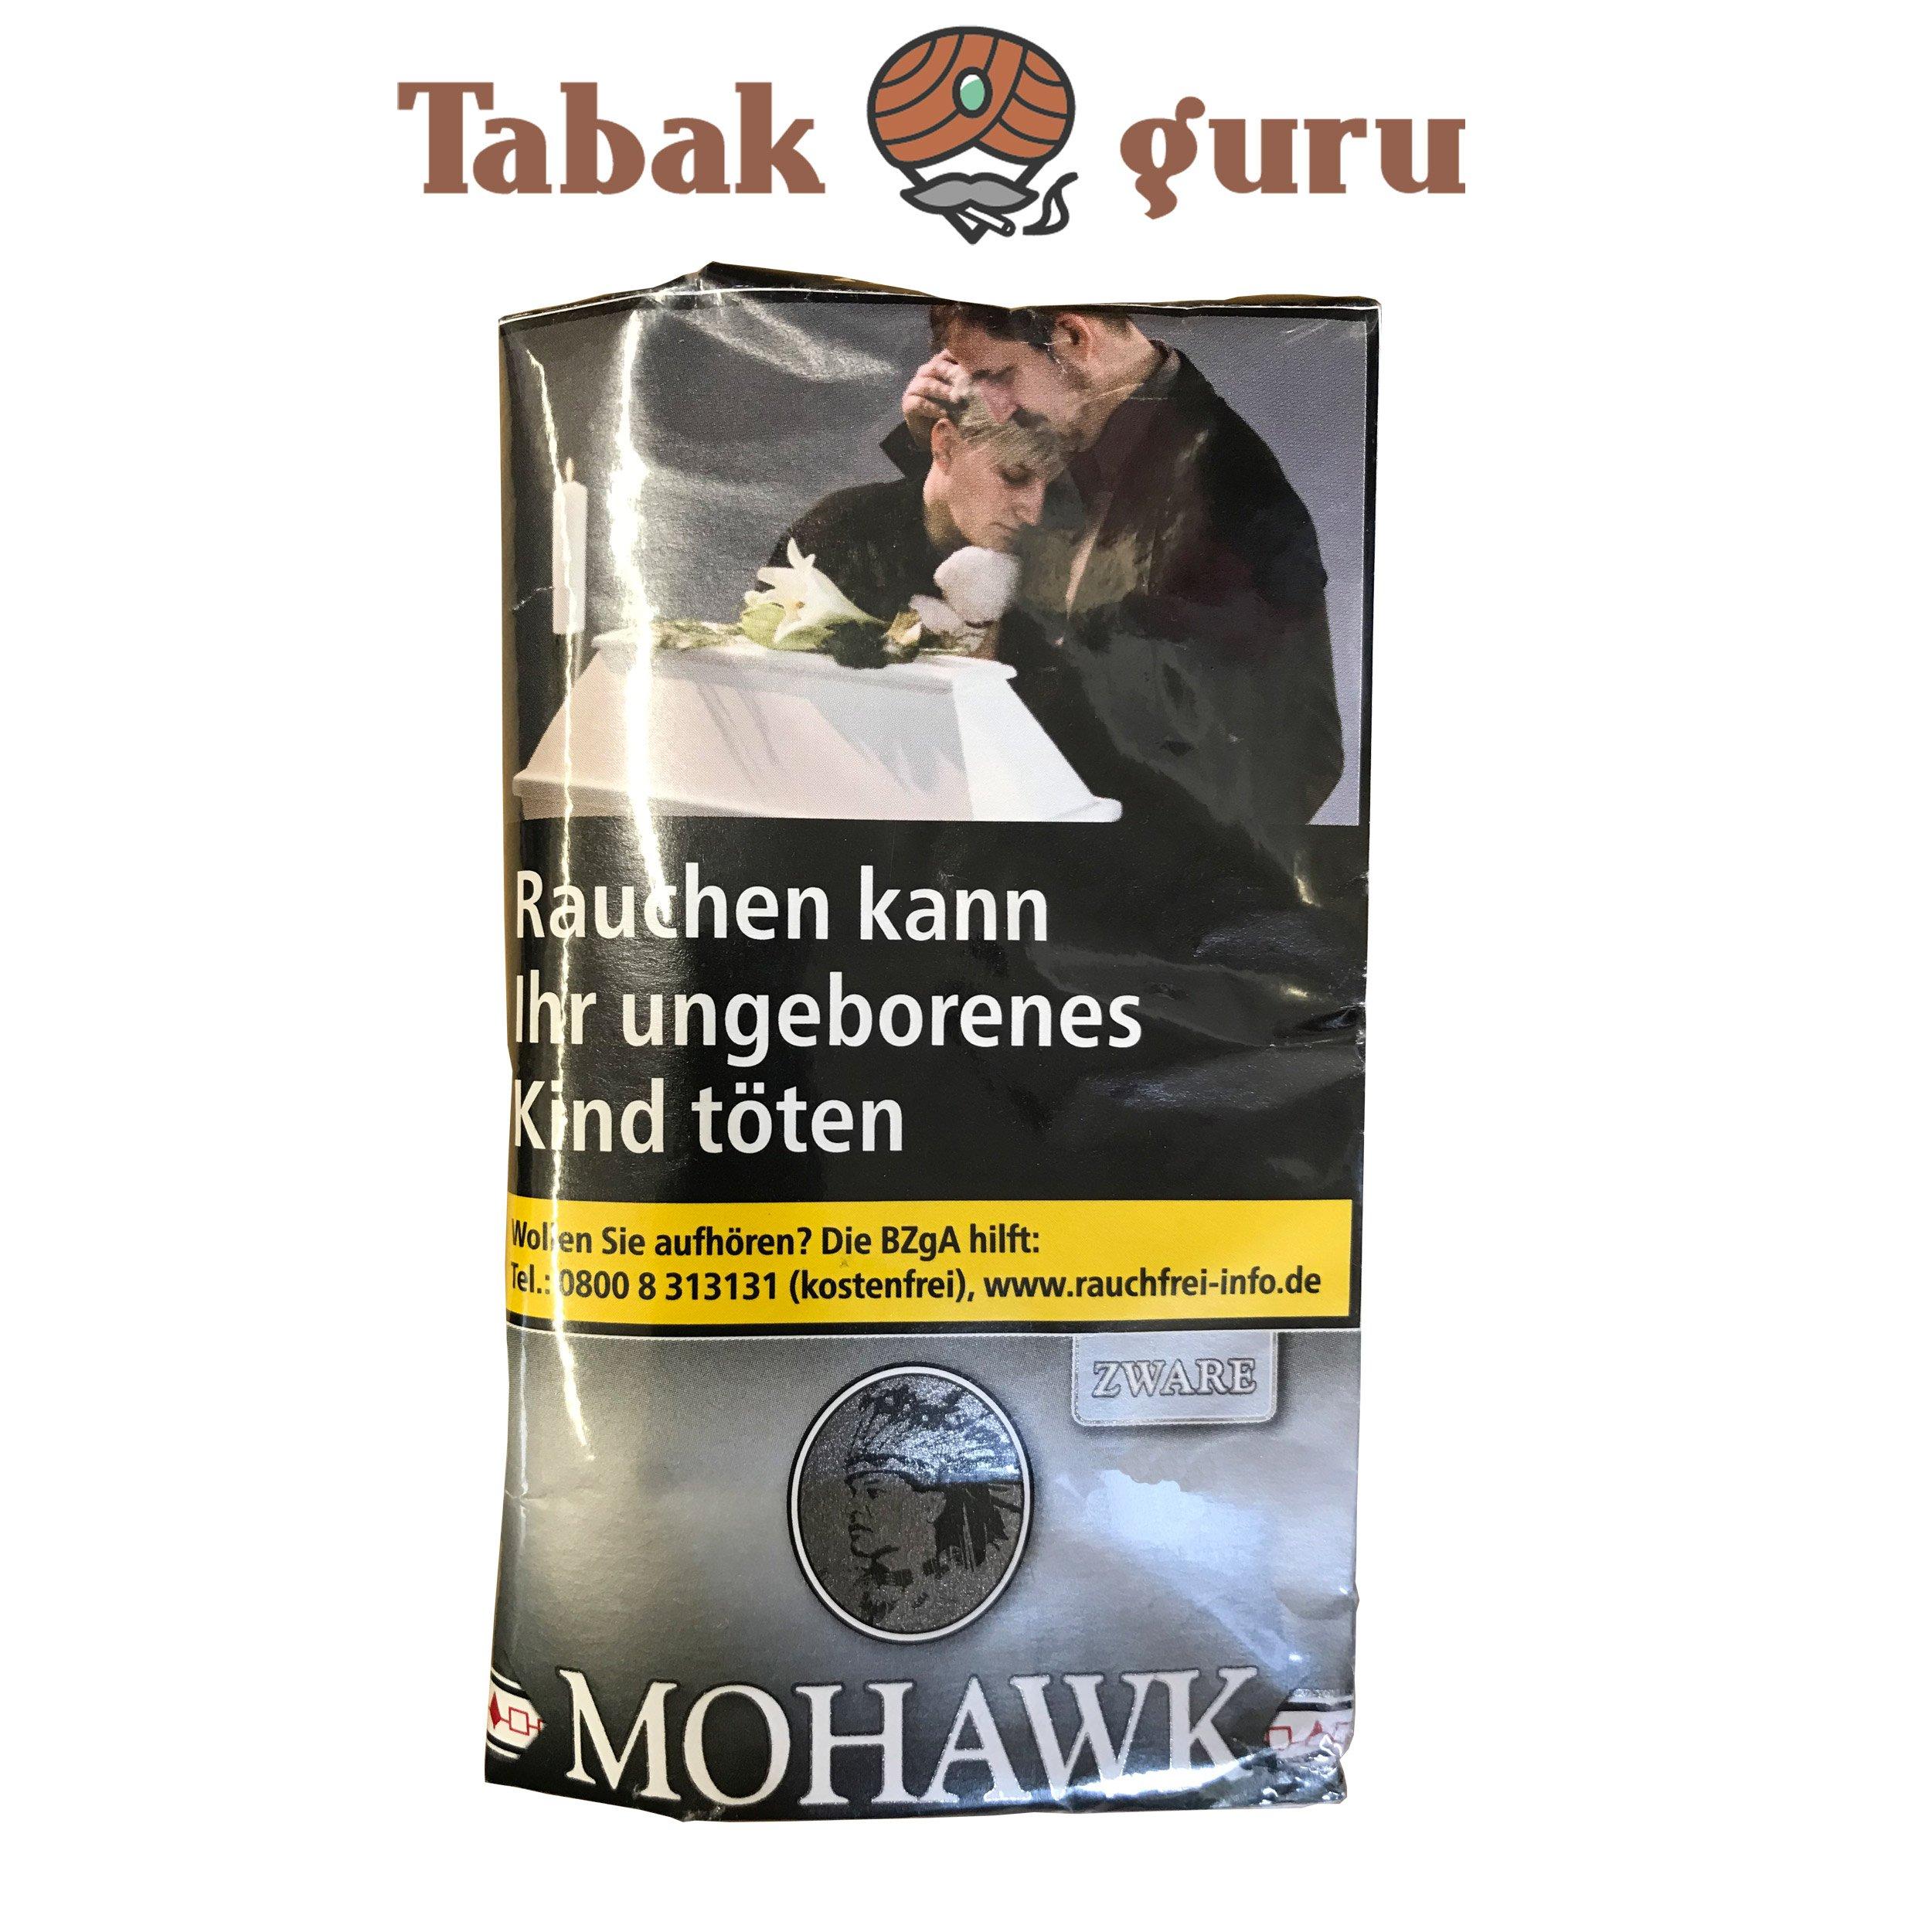 Mohawk Zware 30g Drehtabak Zigarettentabak